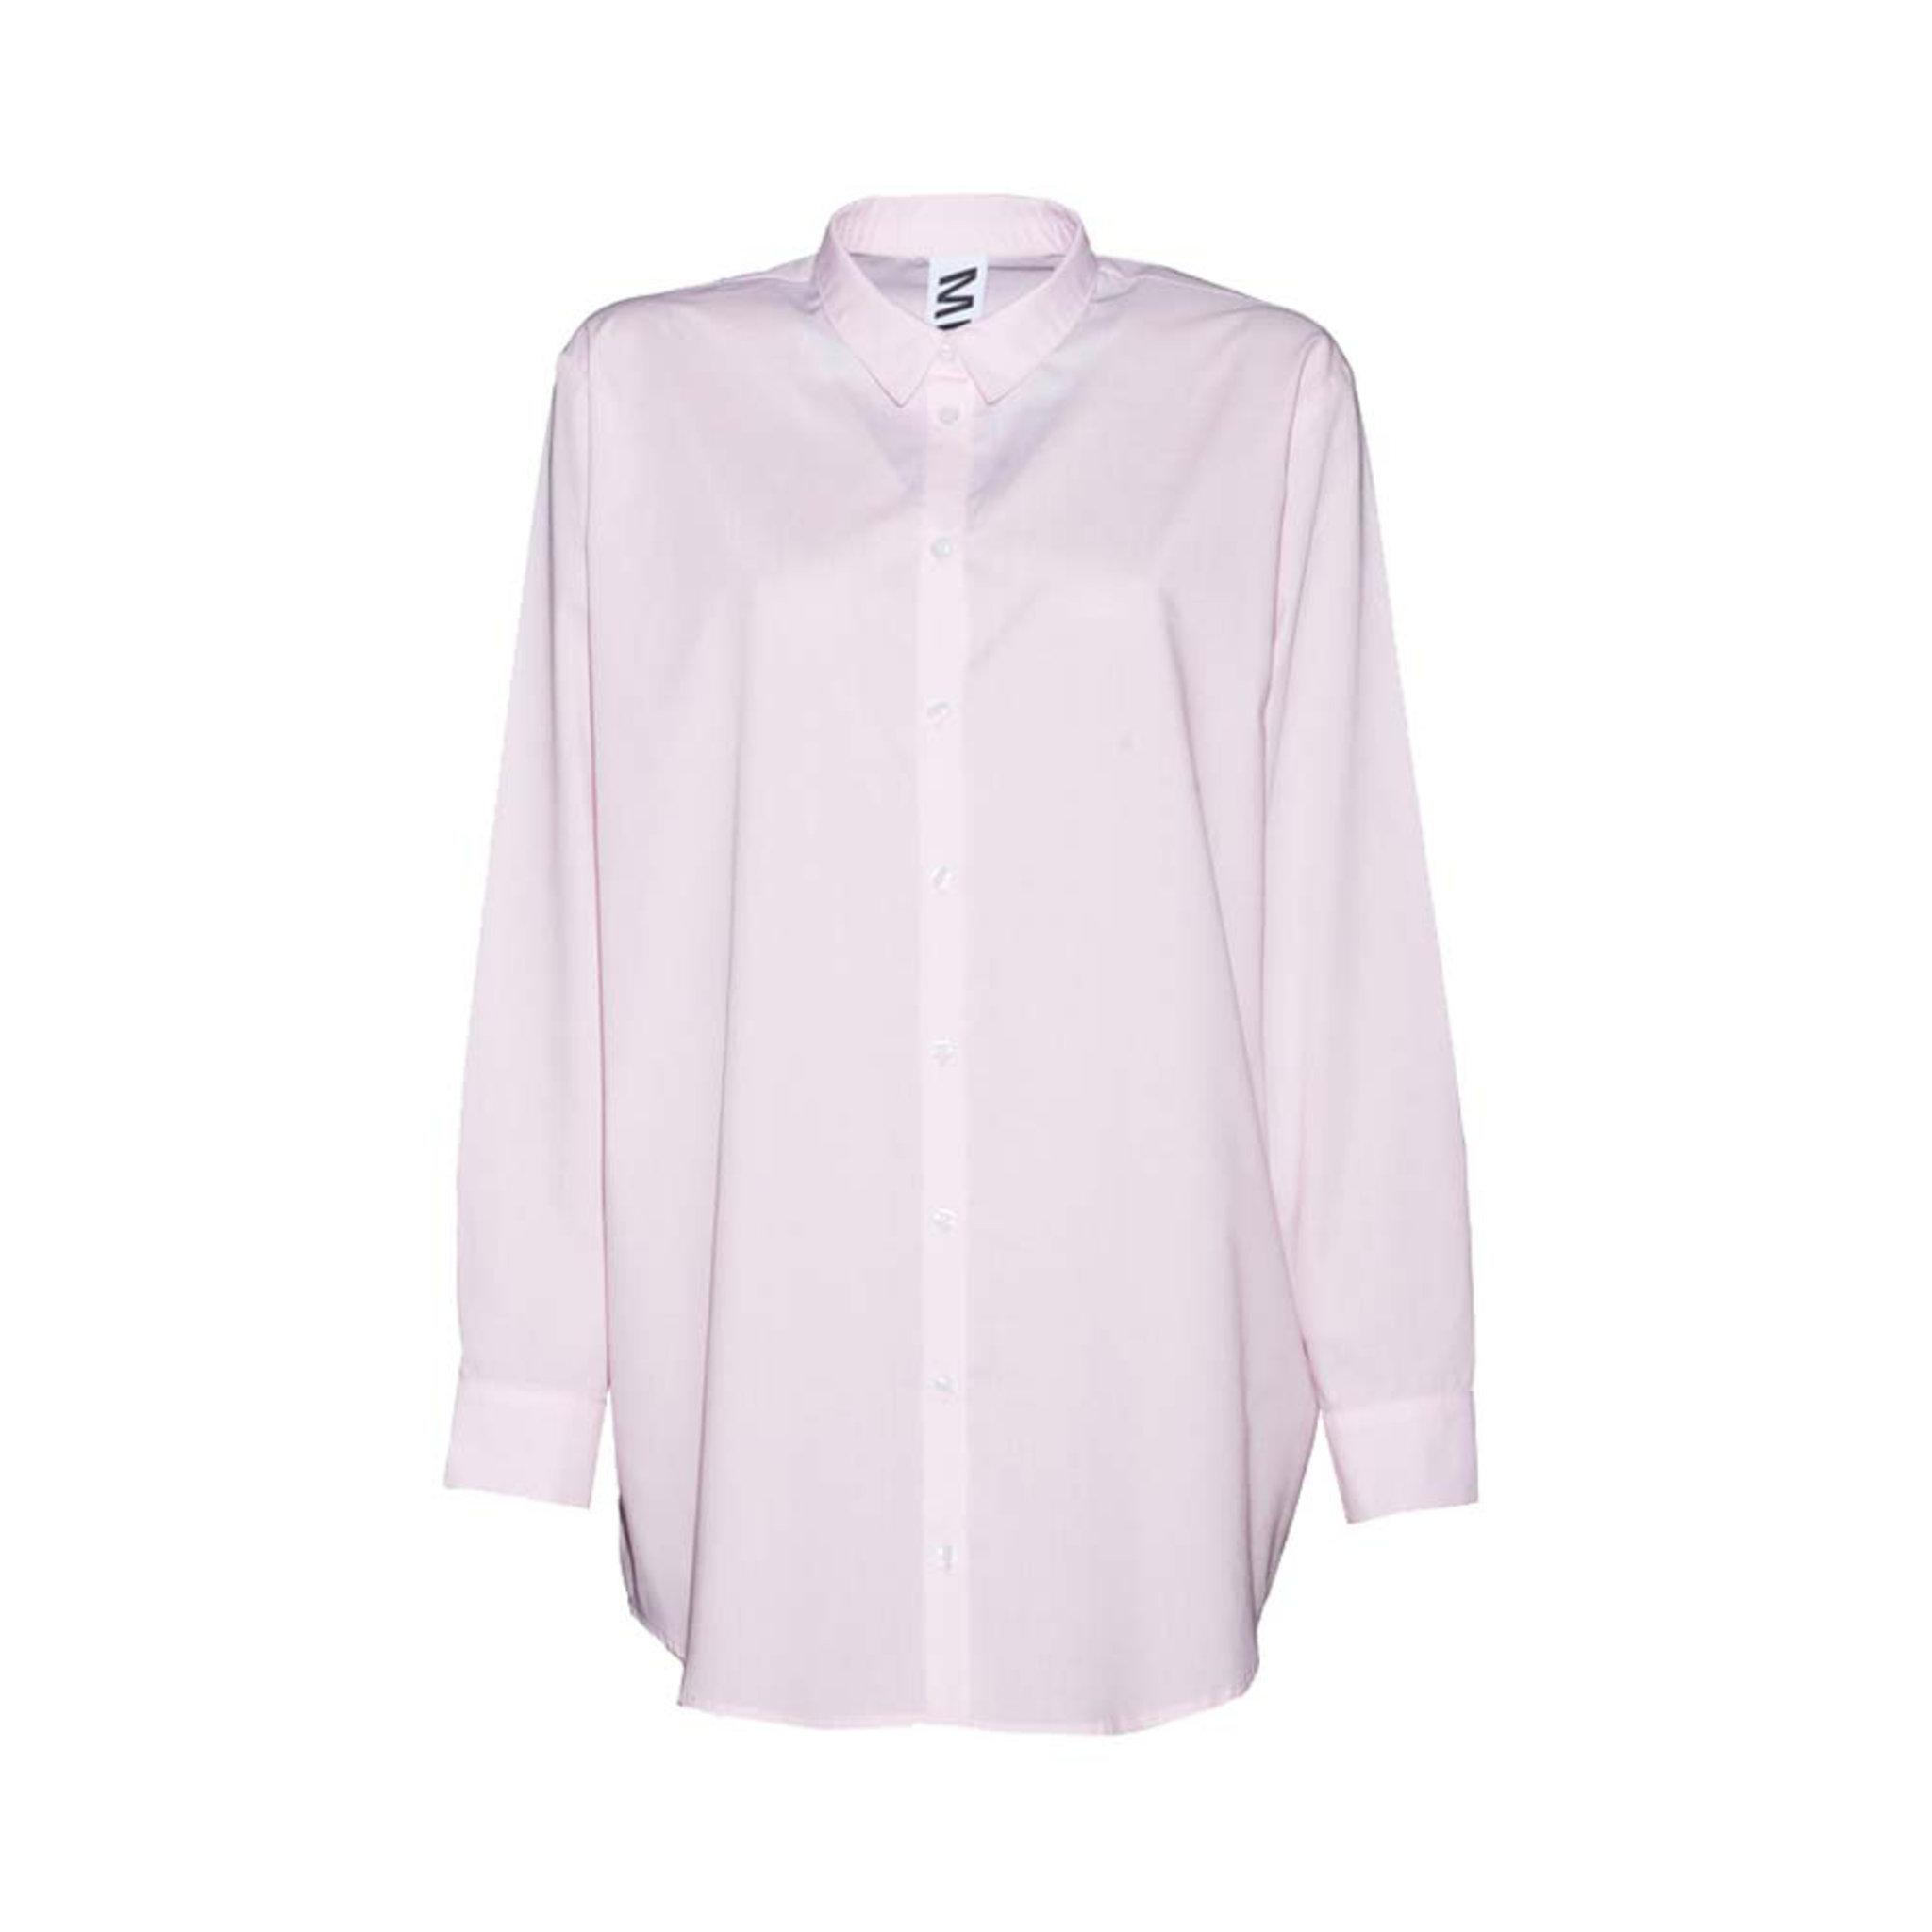 Shirt Oversize - Blusar   skjortor - Köp online på åhlens.se! 3e903e9498272